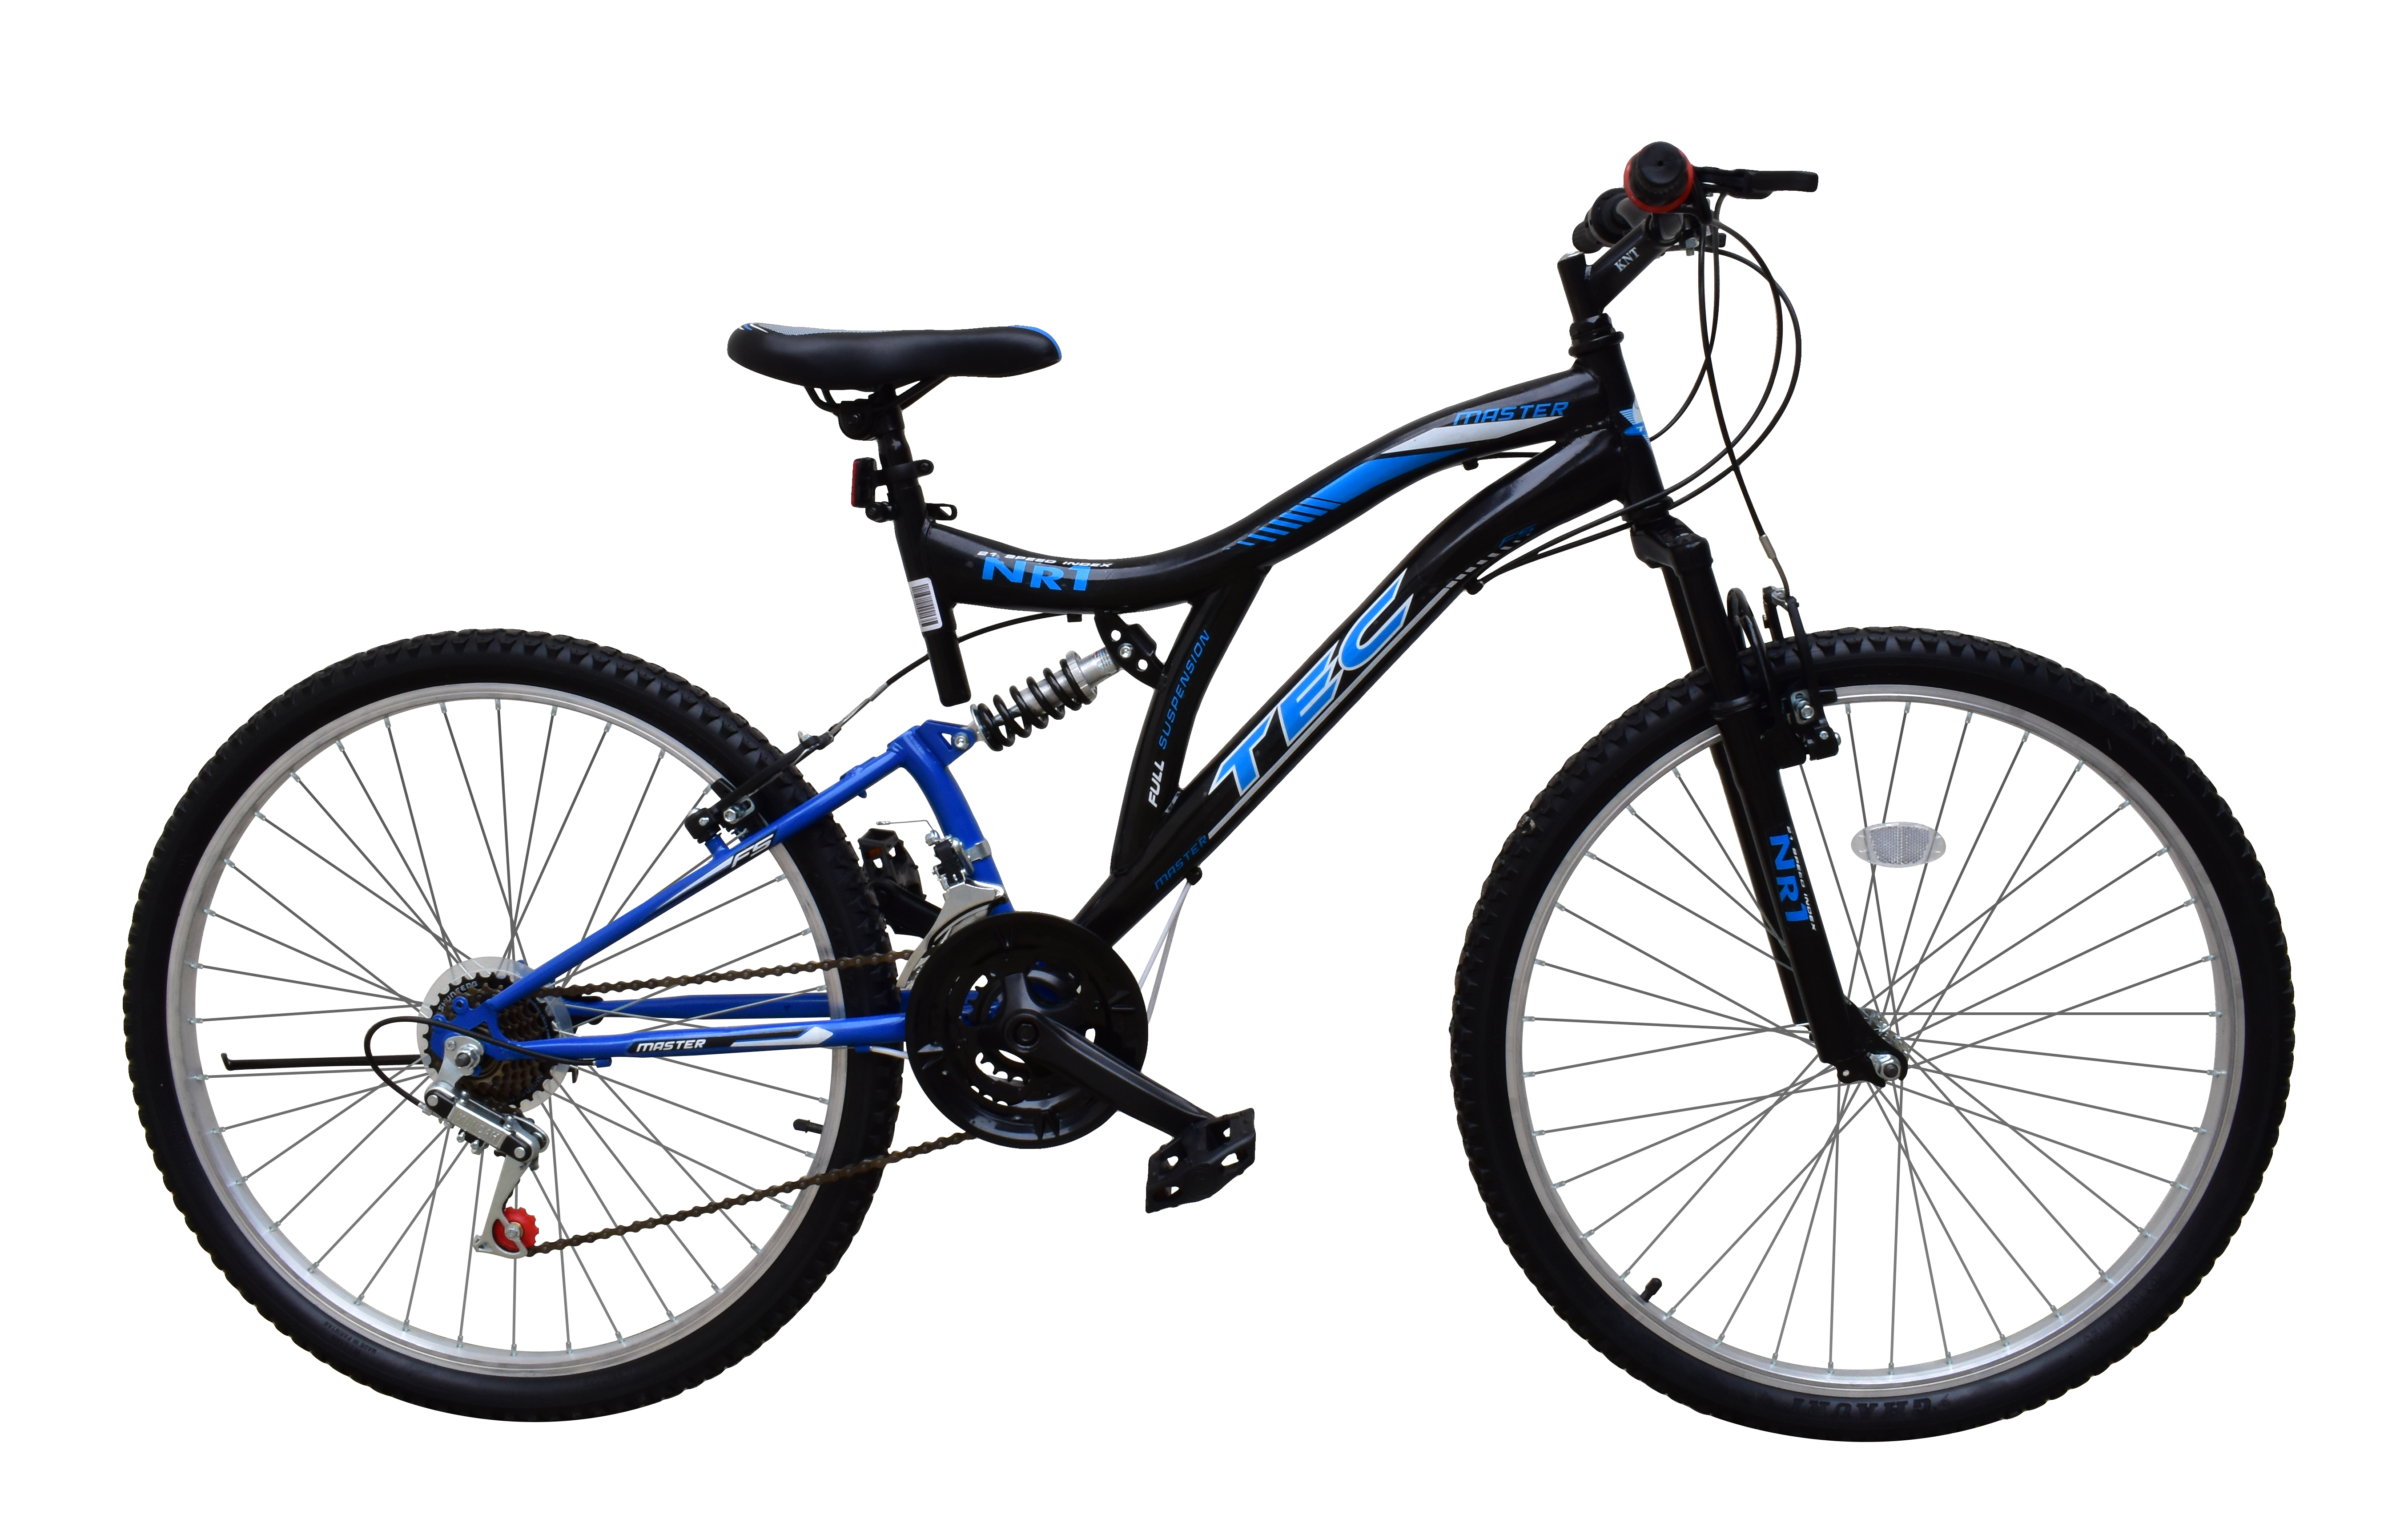 """Bicicleta MTB Tec Master full suspensie, roata 26"""", culoare Alb/Albastru [0]"""